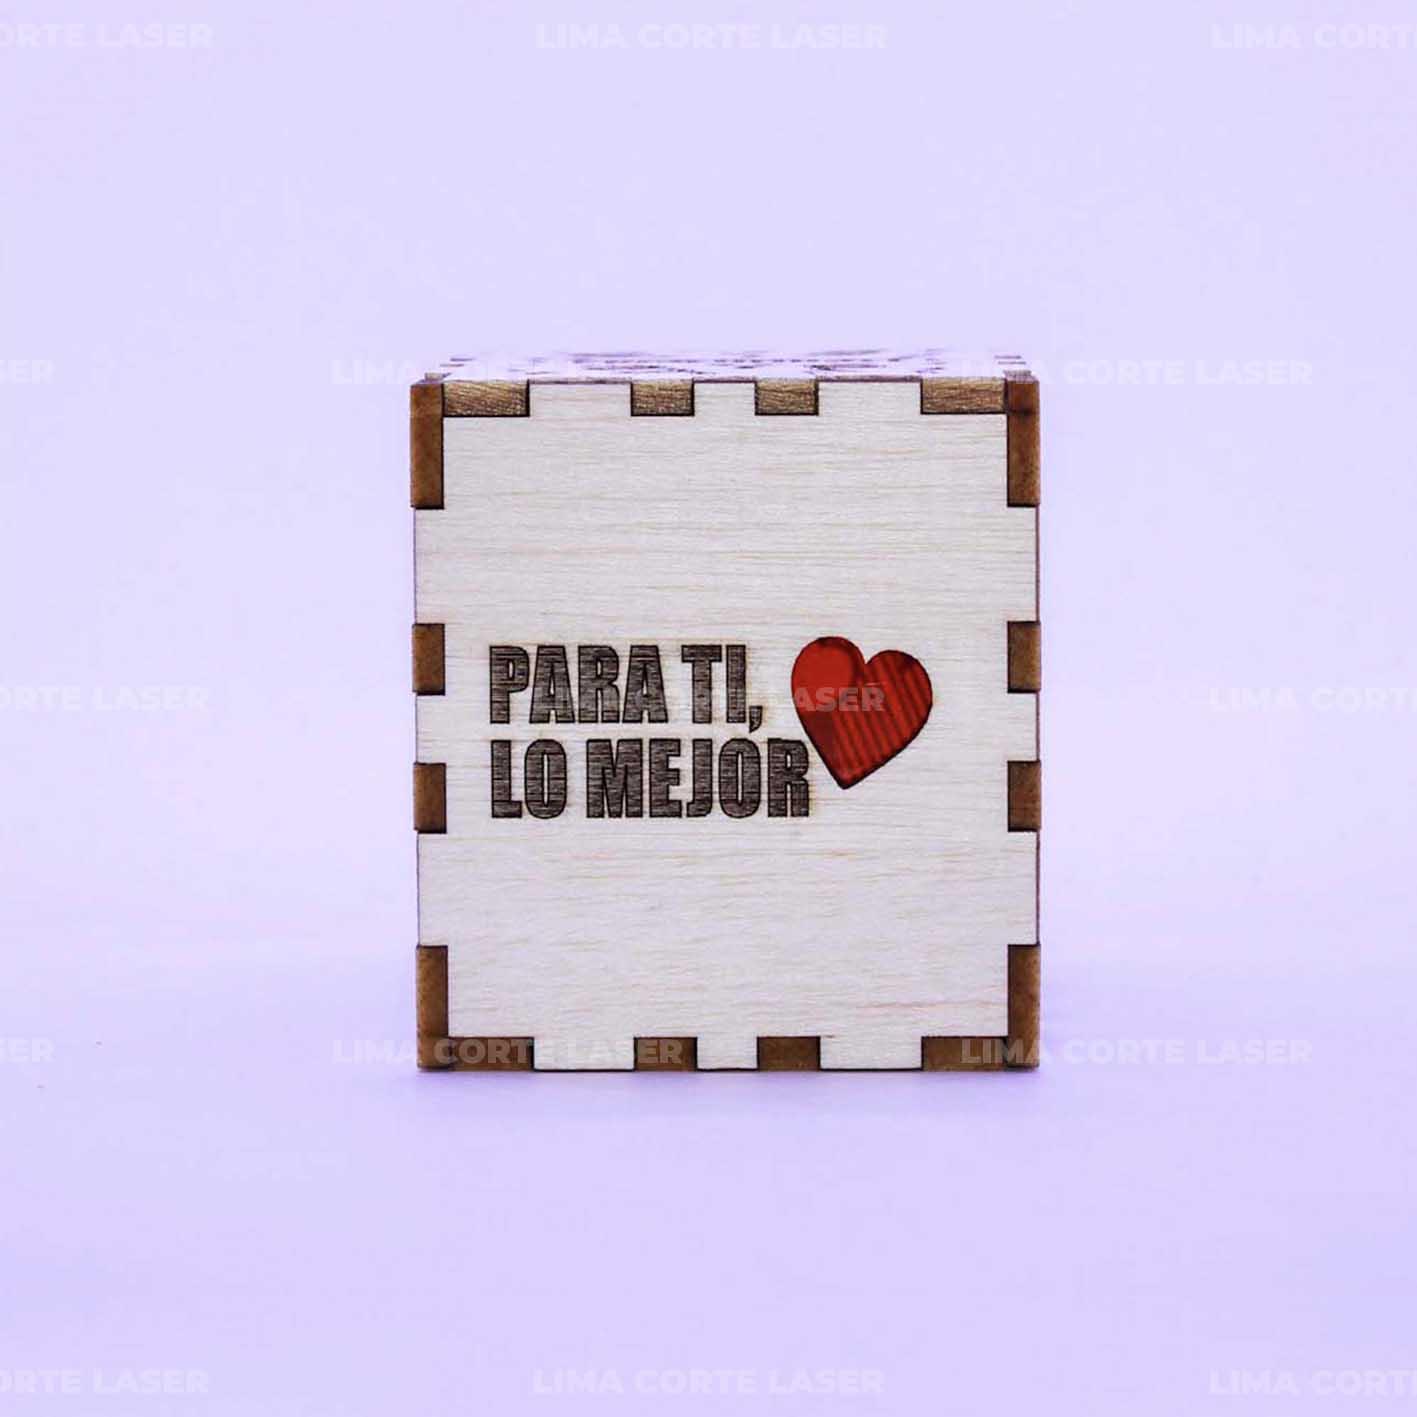 Cubo de madera con frases positivas cortado y grabado con láser